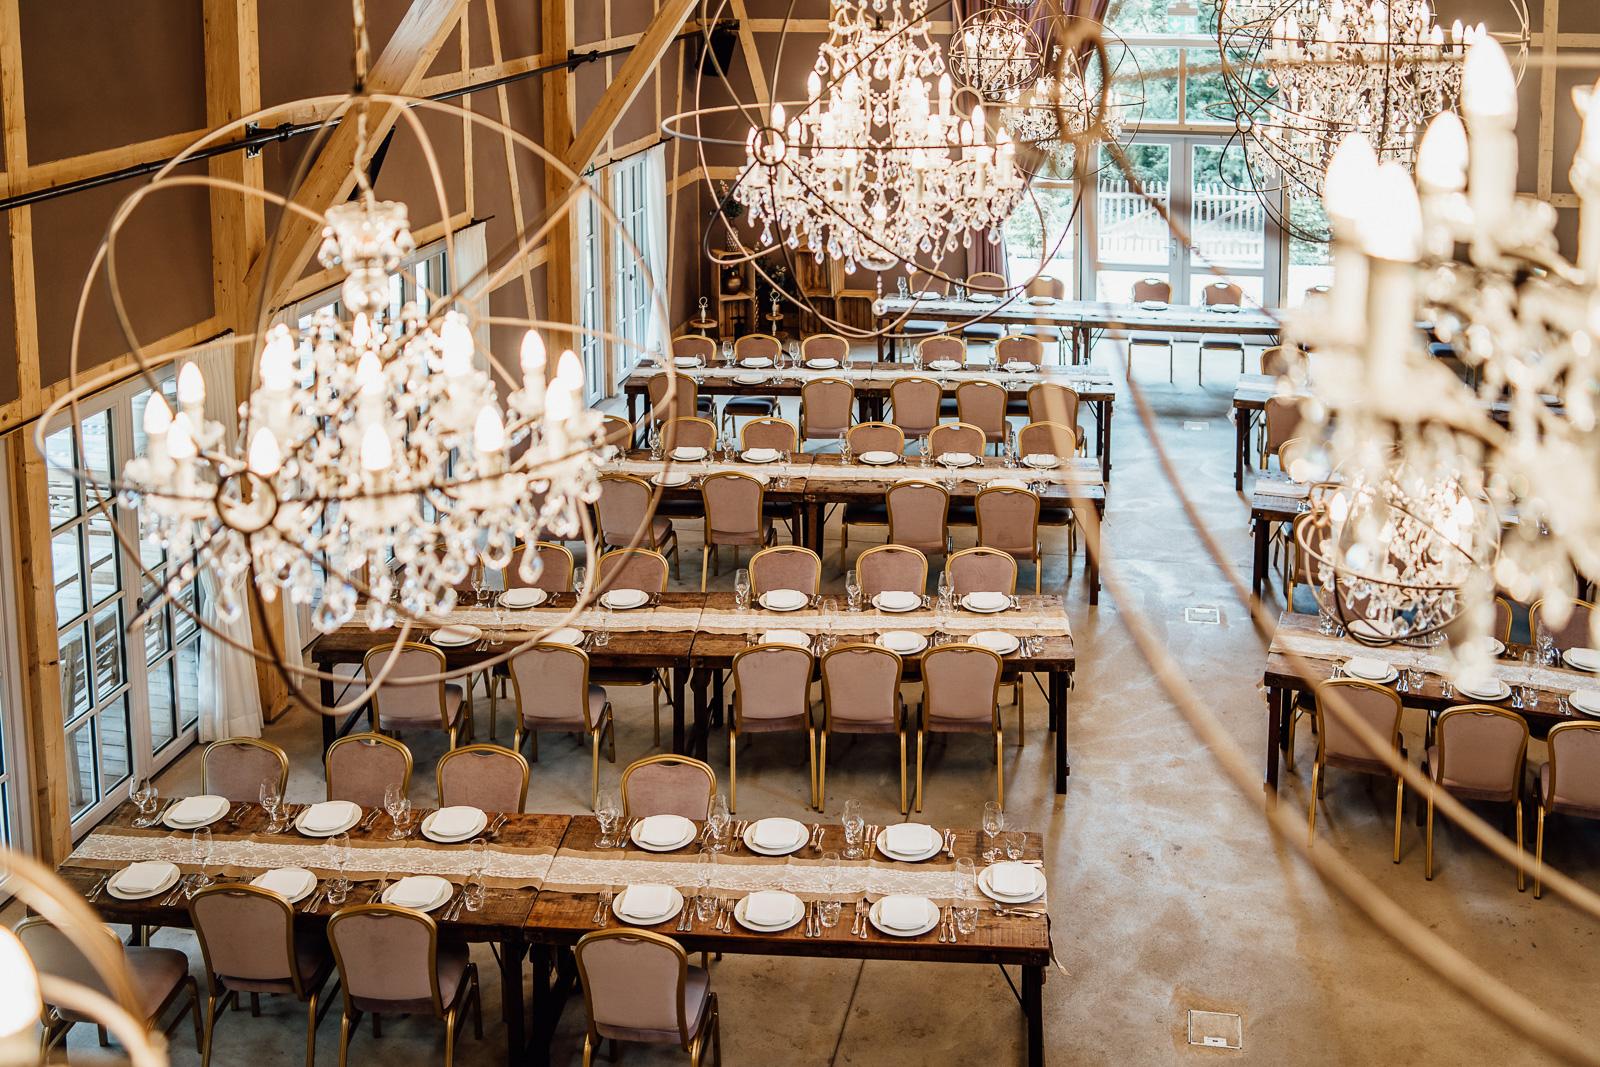 Hochzeitslocation Holsteins Mühle - Hochzeitsfotografin Bernadett Yehdou